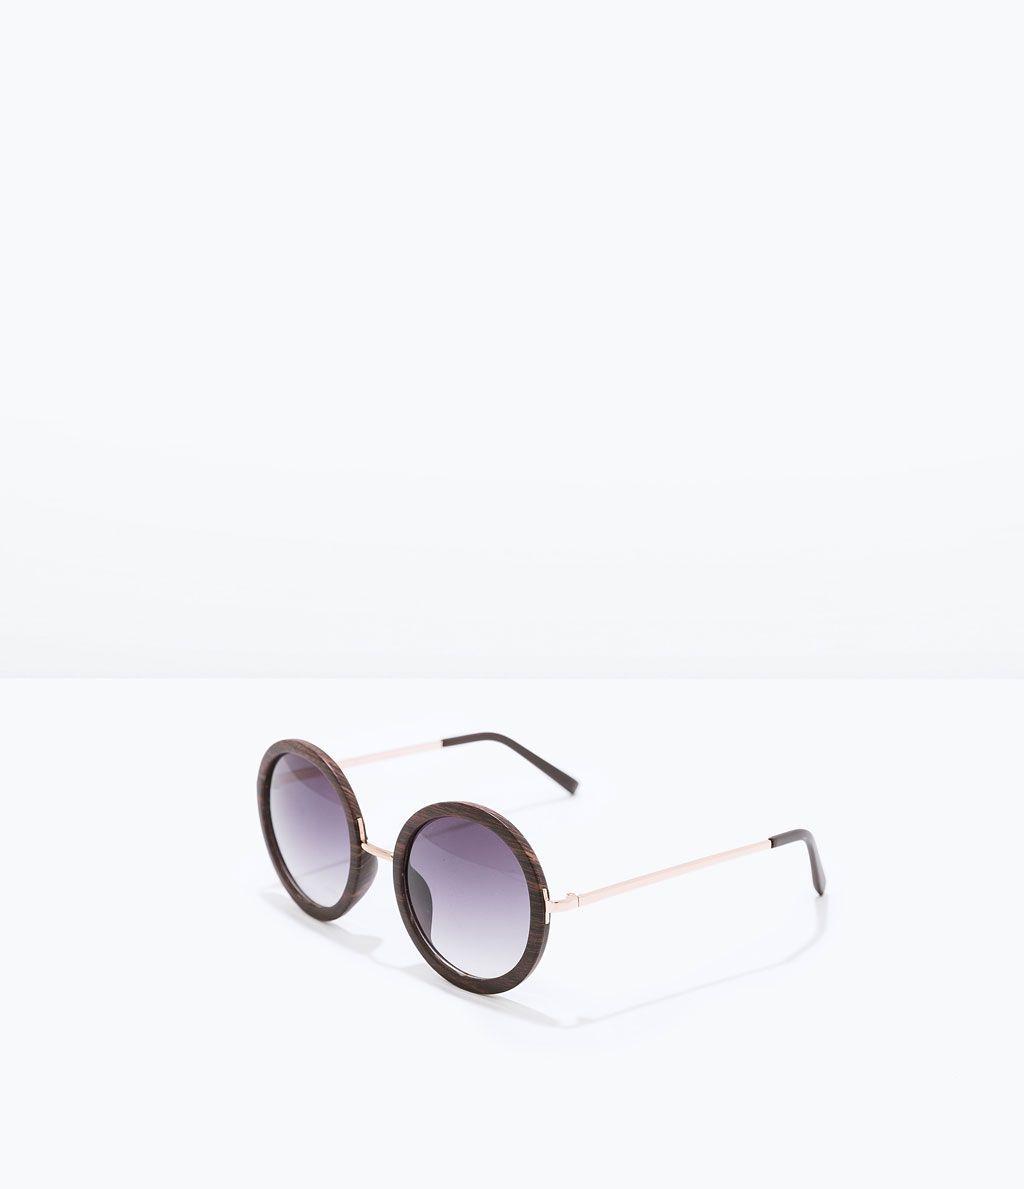 9107d70845 ZARA - MUJER - GAFAS DE SOL MADERA | ZARA | Gafas, Gafas para mujer ...